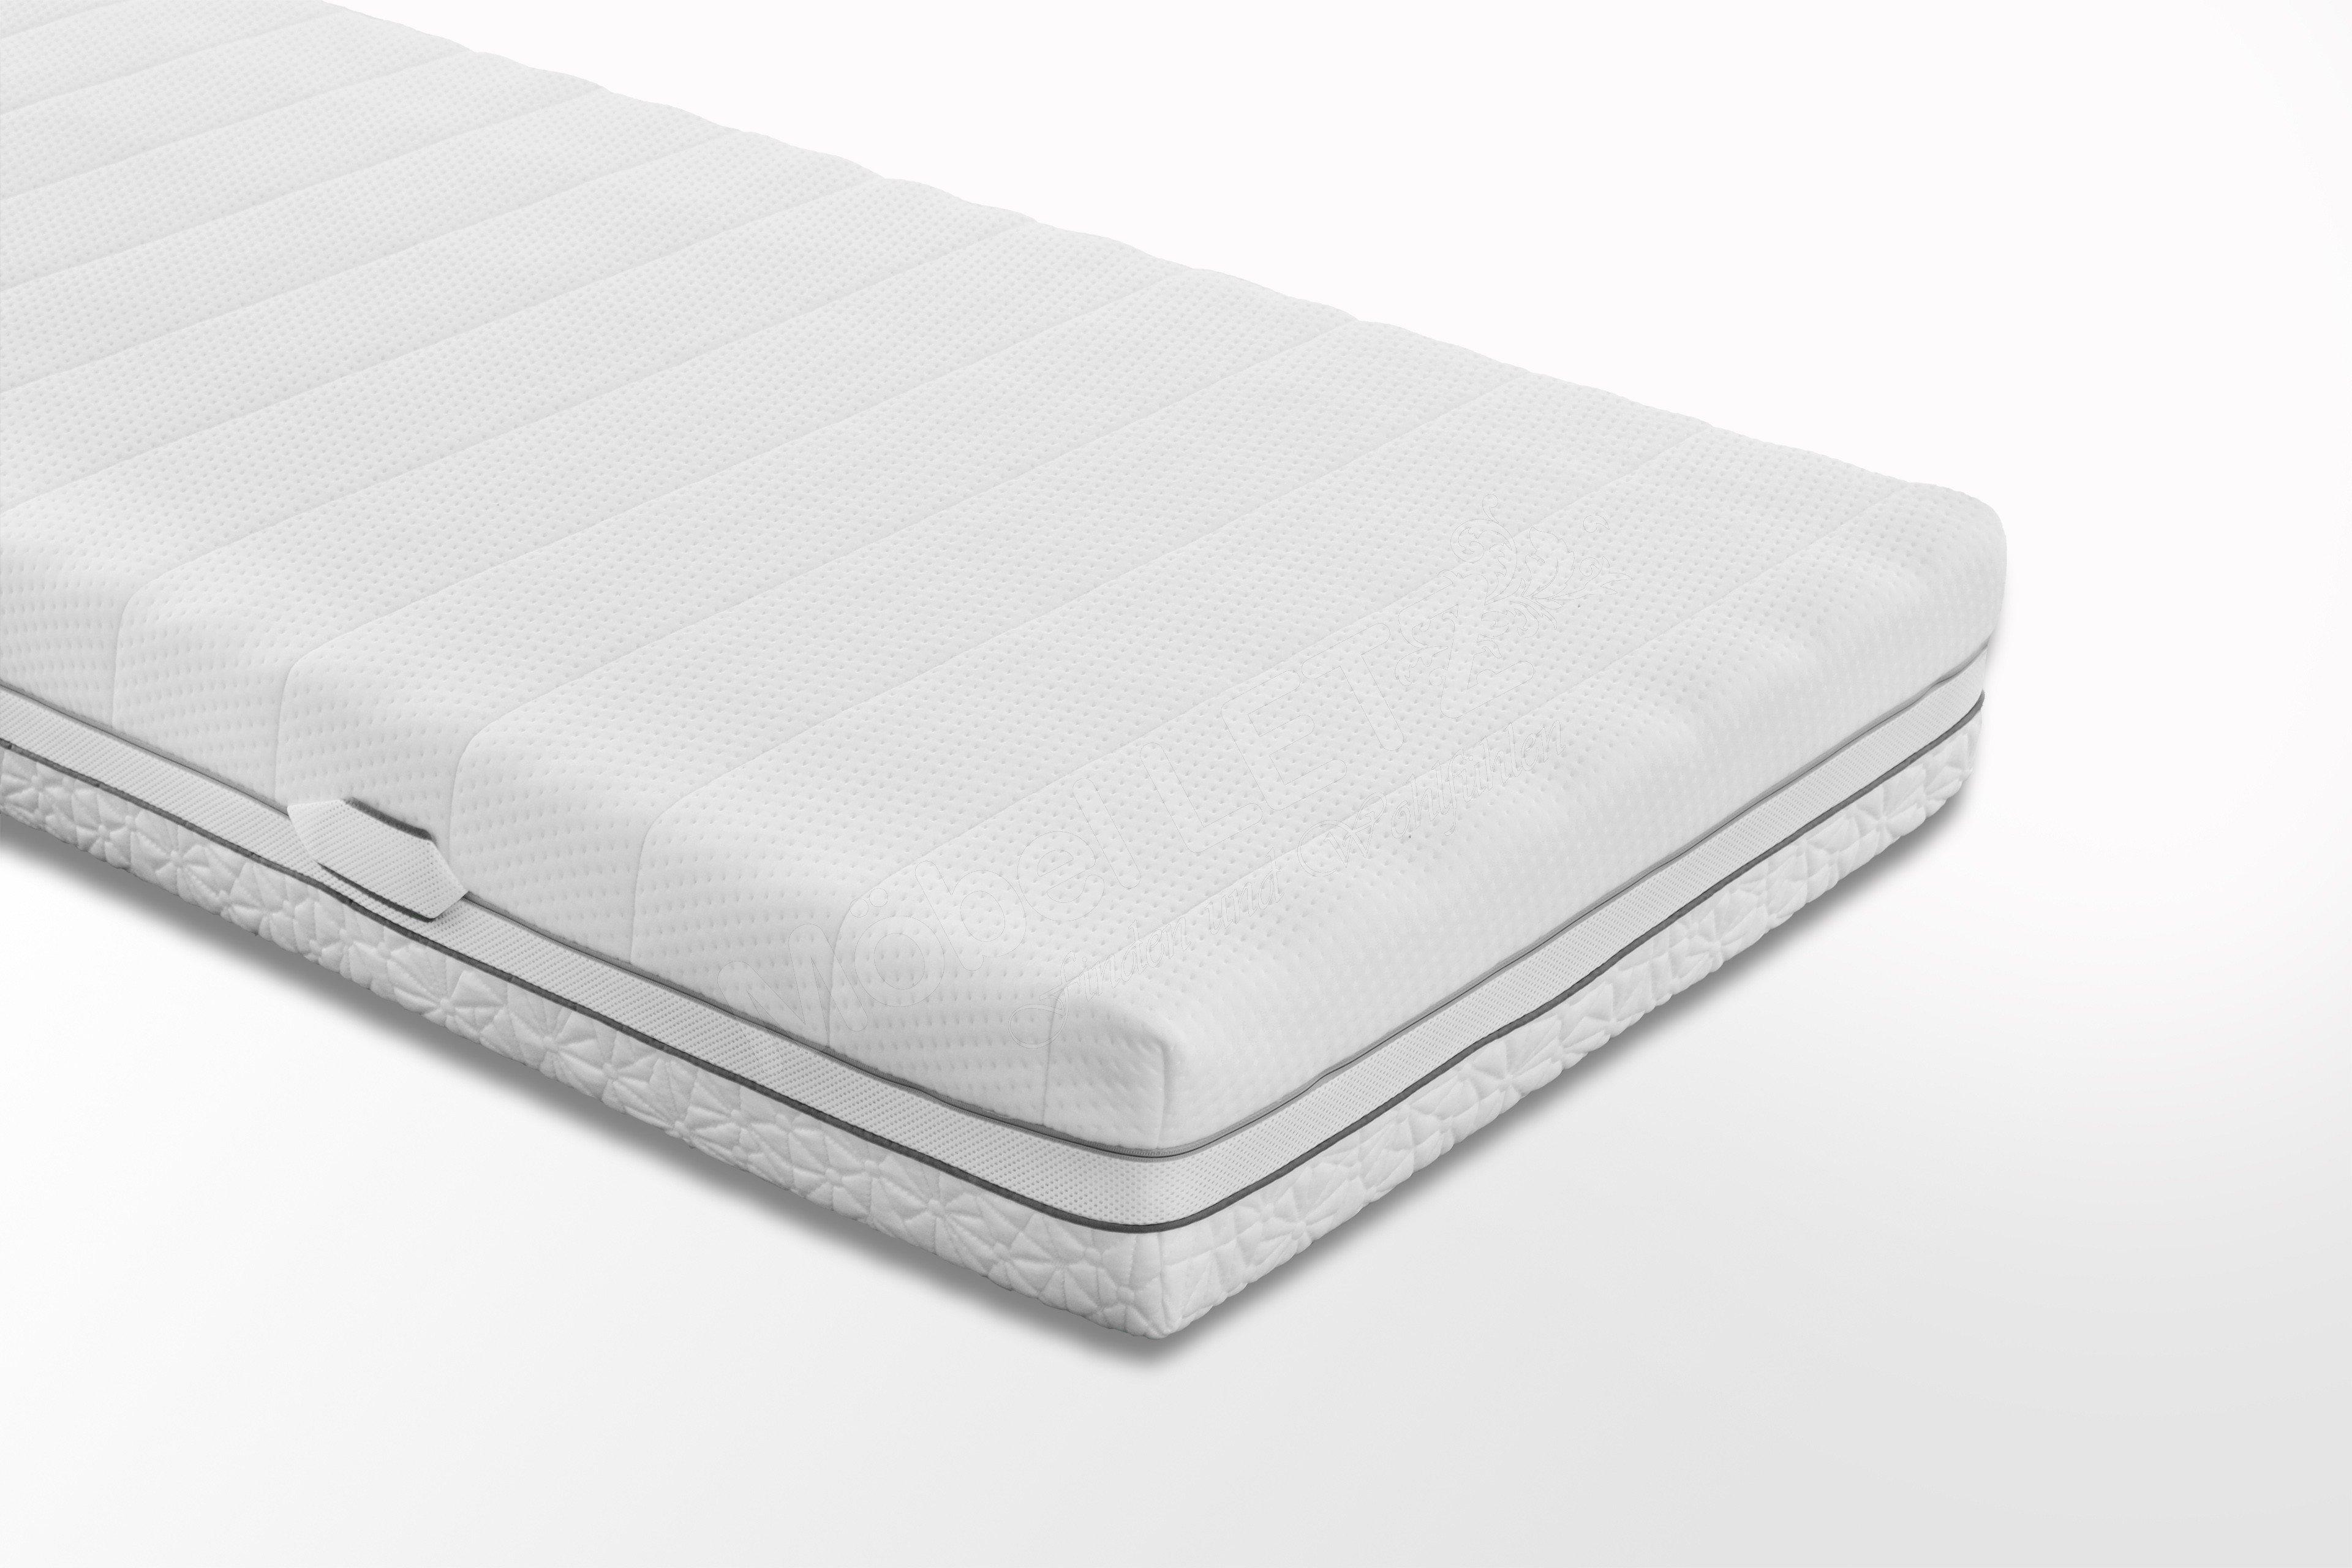 matratze schlaraffia geltex schlaraffia geltex inside. Black Bedroom Furniture Sets. Home Design Ideas